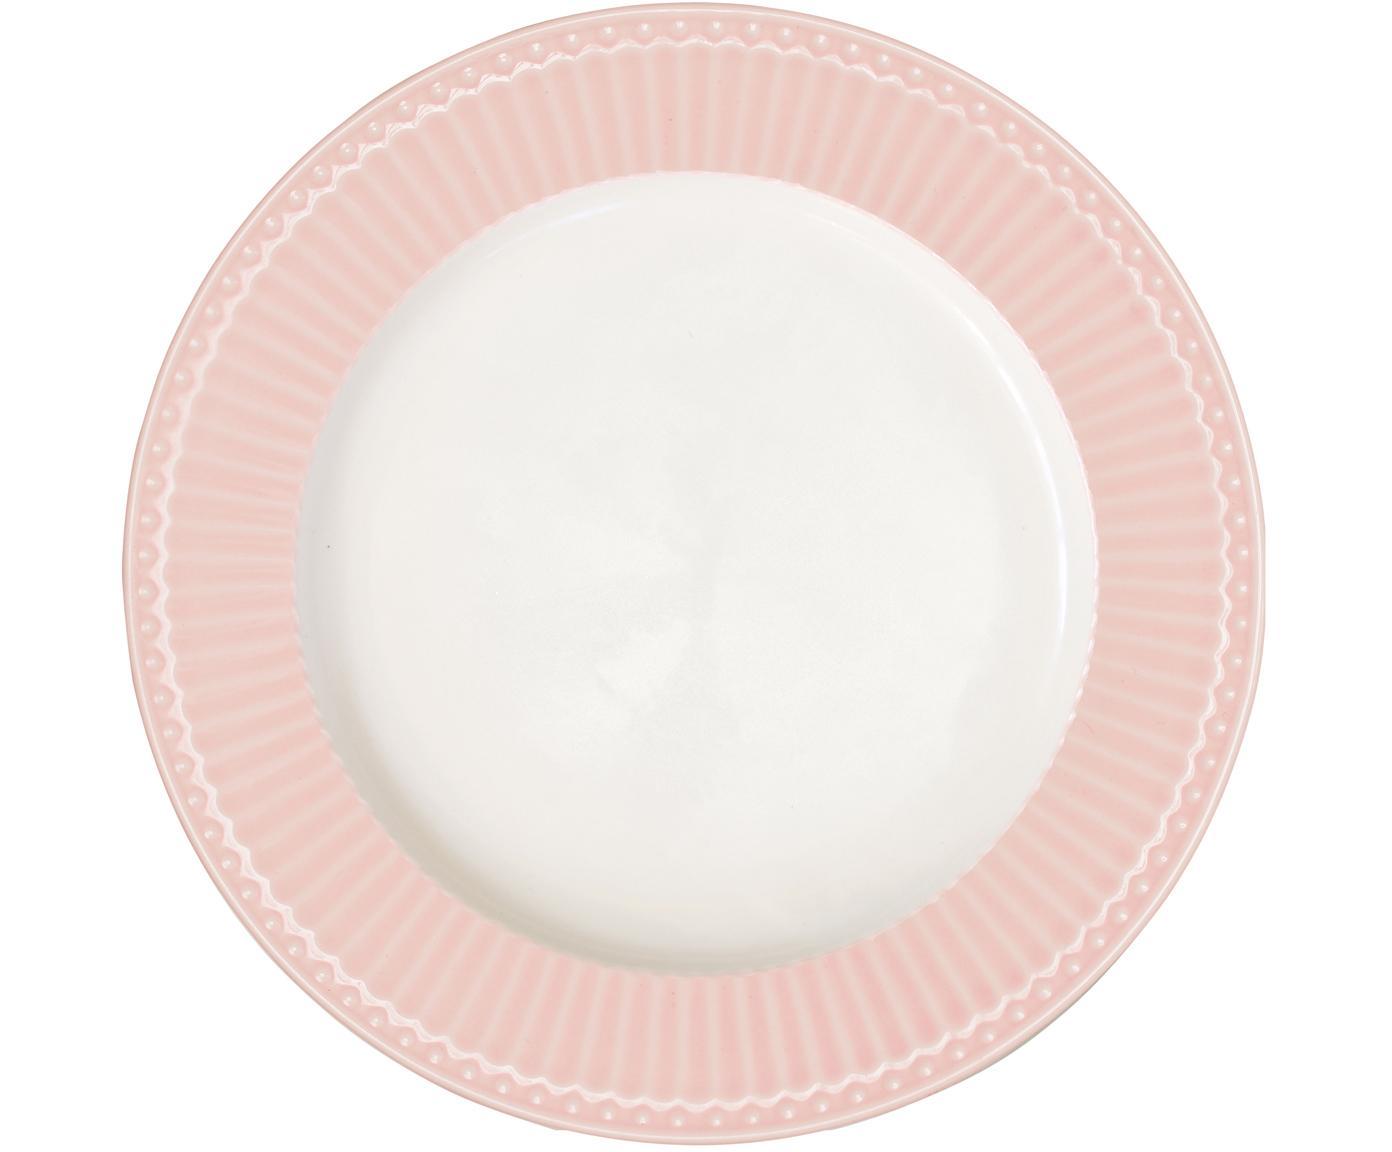 Talerz duży Alice, 2 szt., Porcelana, Blady różowy, biały, Ø 27 cm